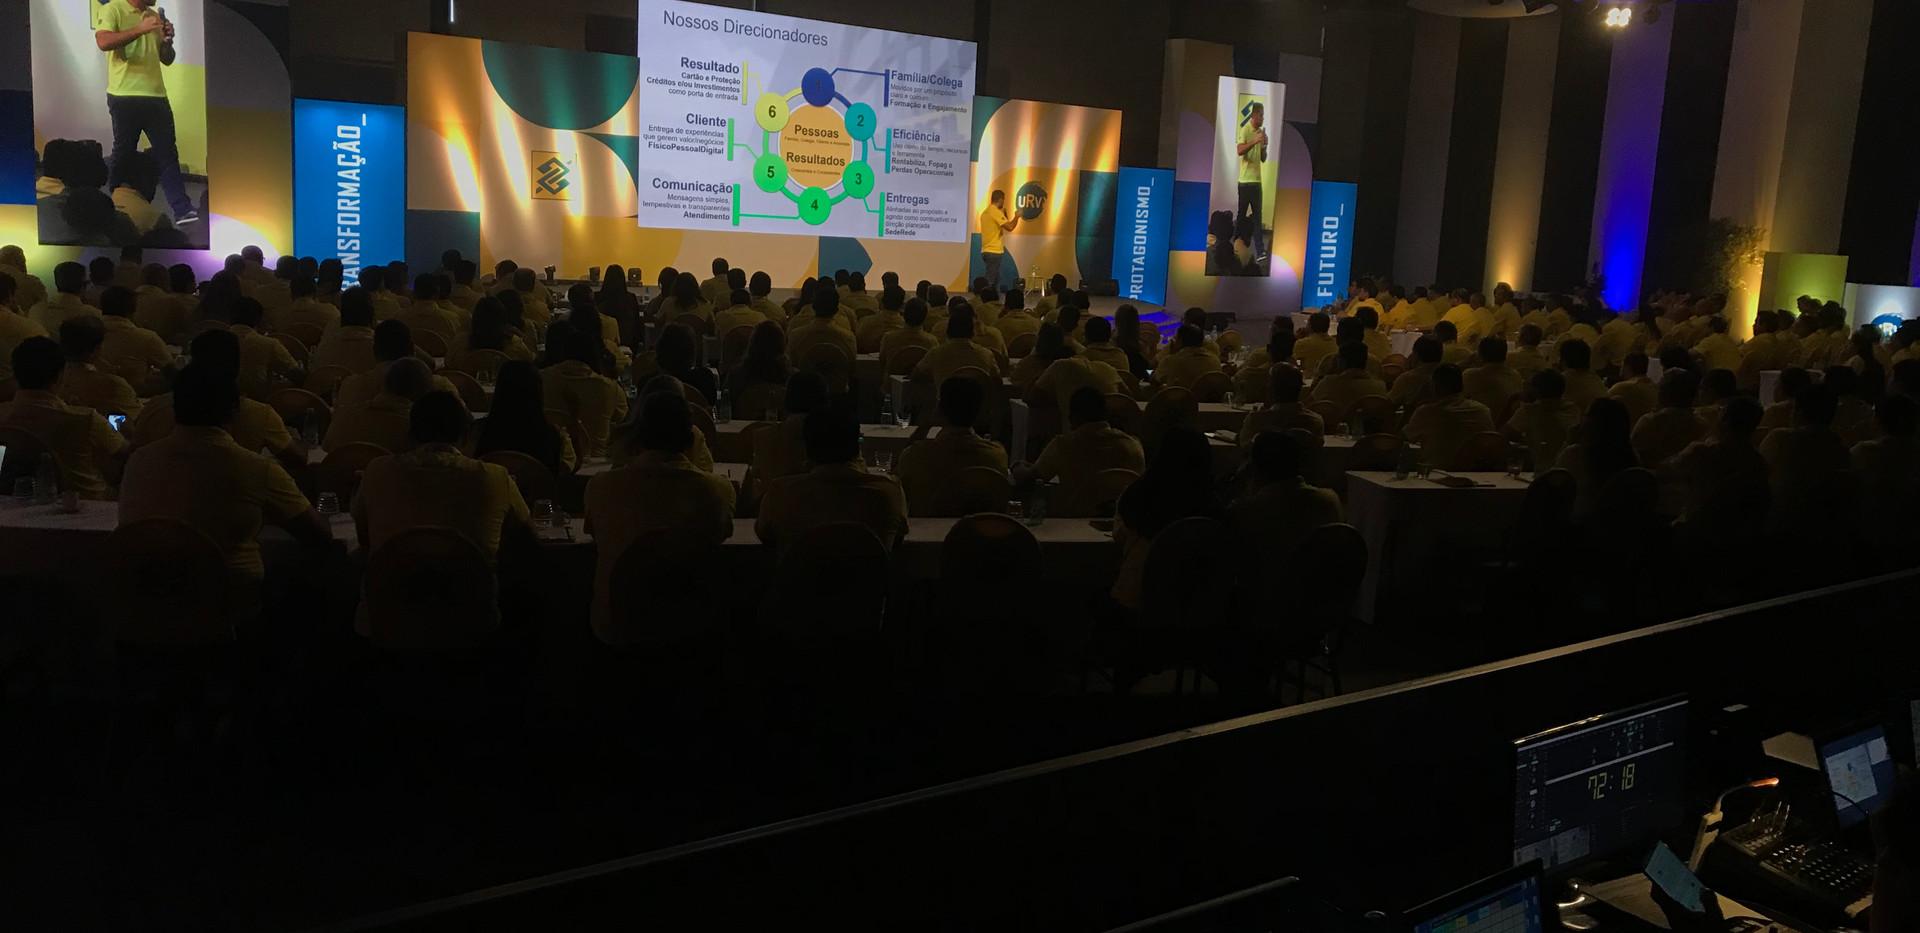 ENLID Banco do Brasil - Brasilia